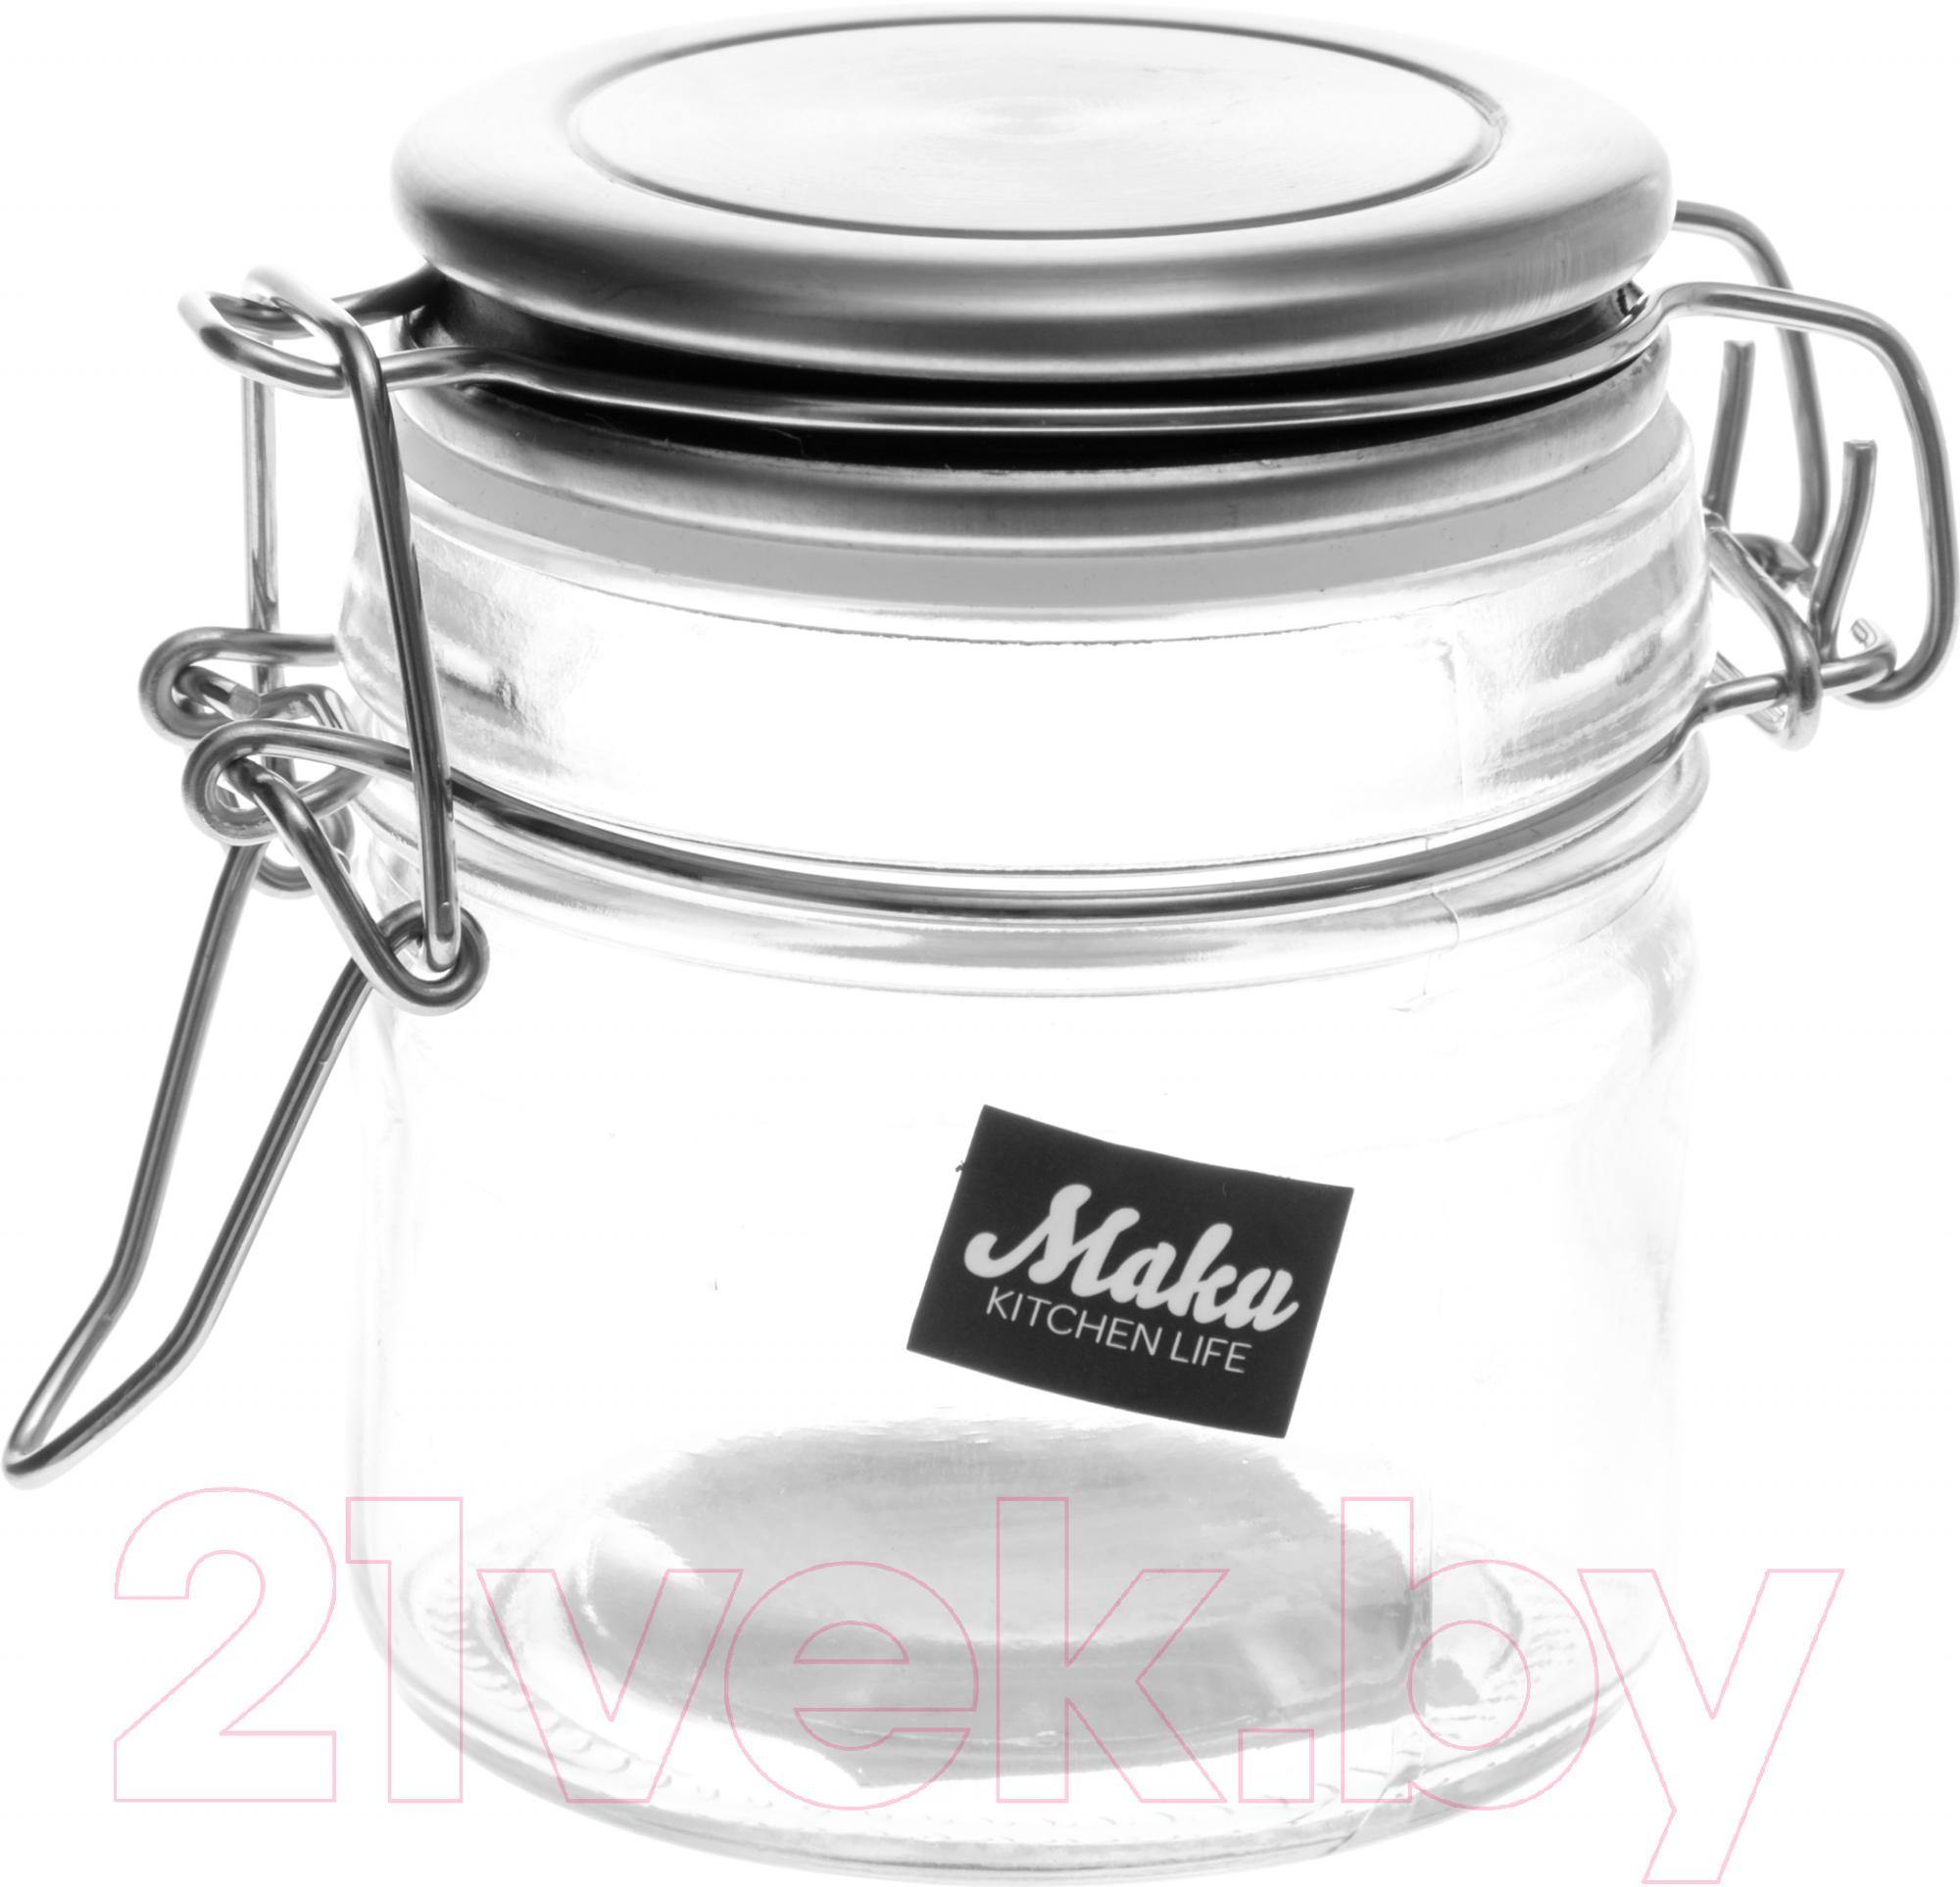 Купить Емкость для хранения Maku Kitchen Life, 270575, Китай, стекло